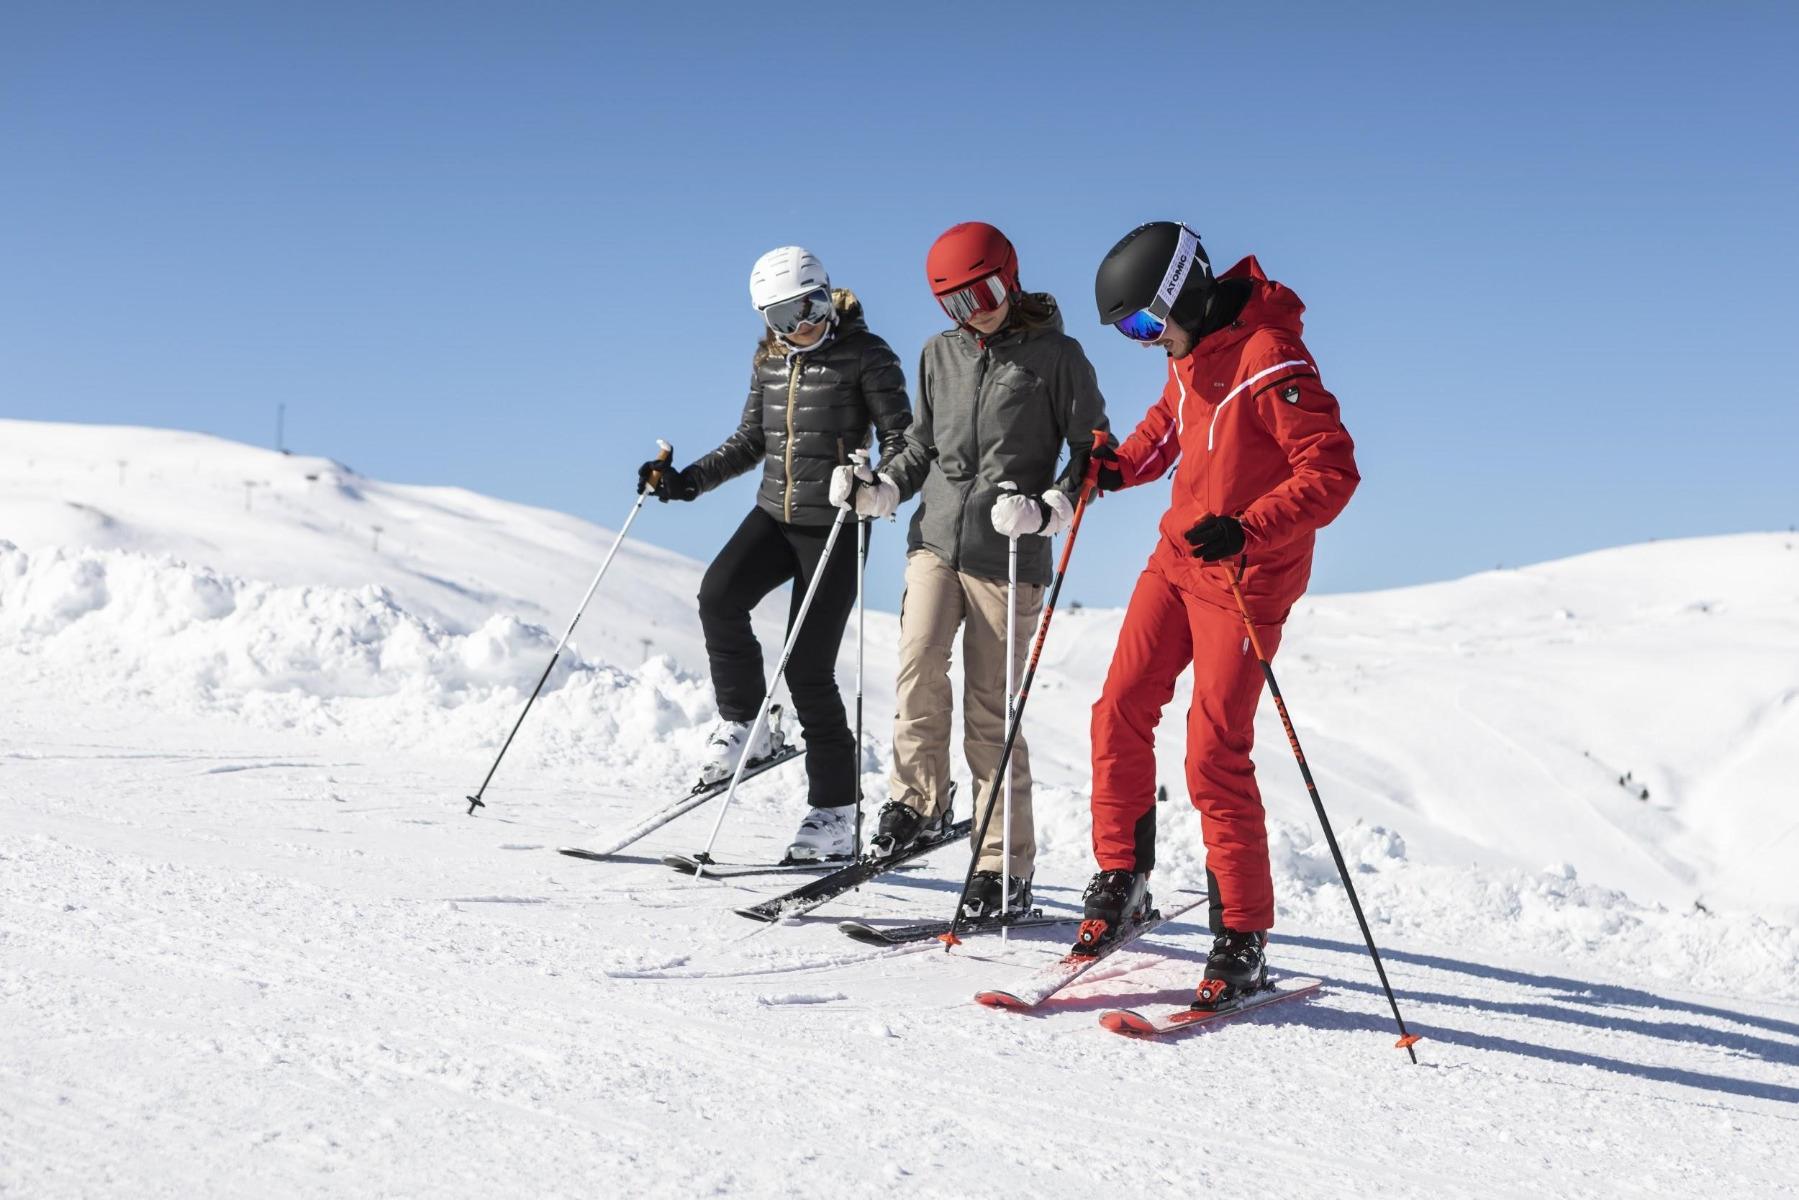 Ist das Skigebiet einmal beschlossene Sache, steht die Wahl der Kursmodlität an